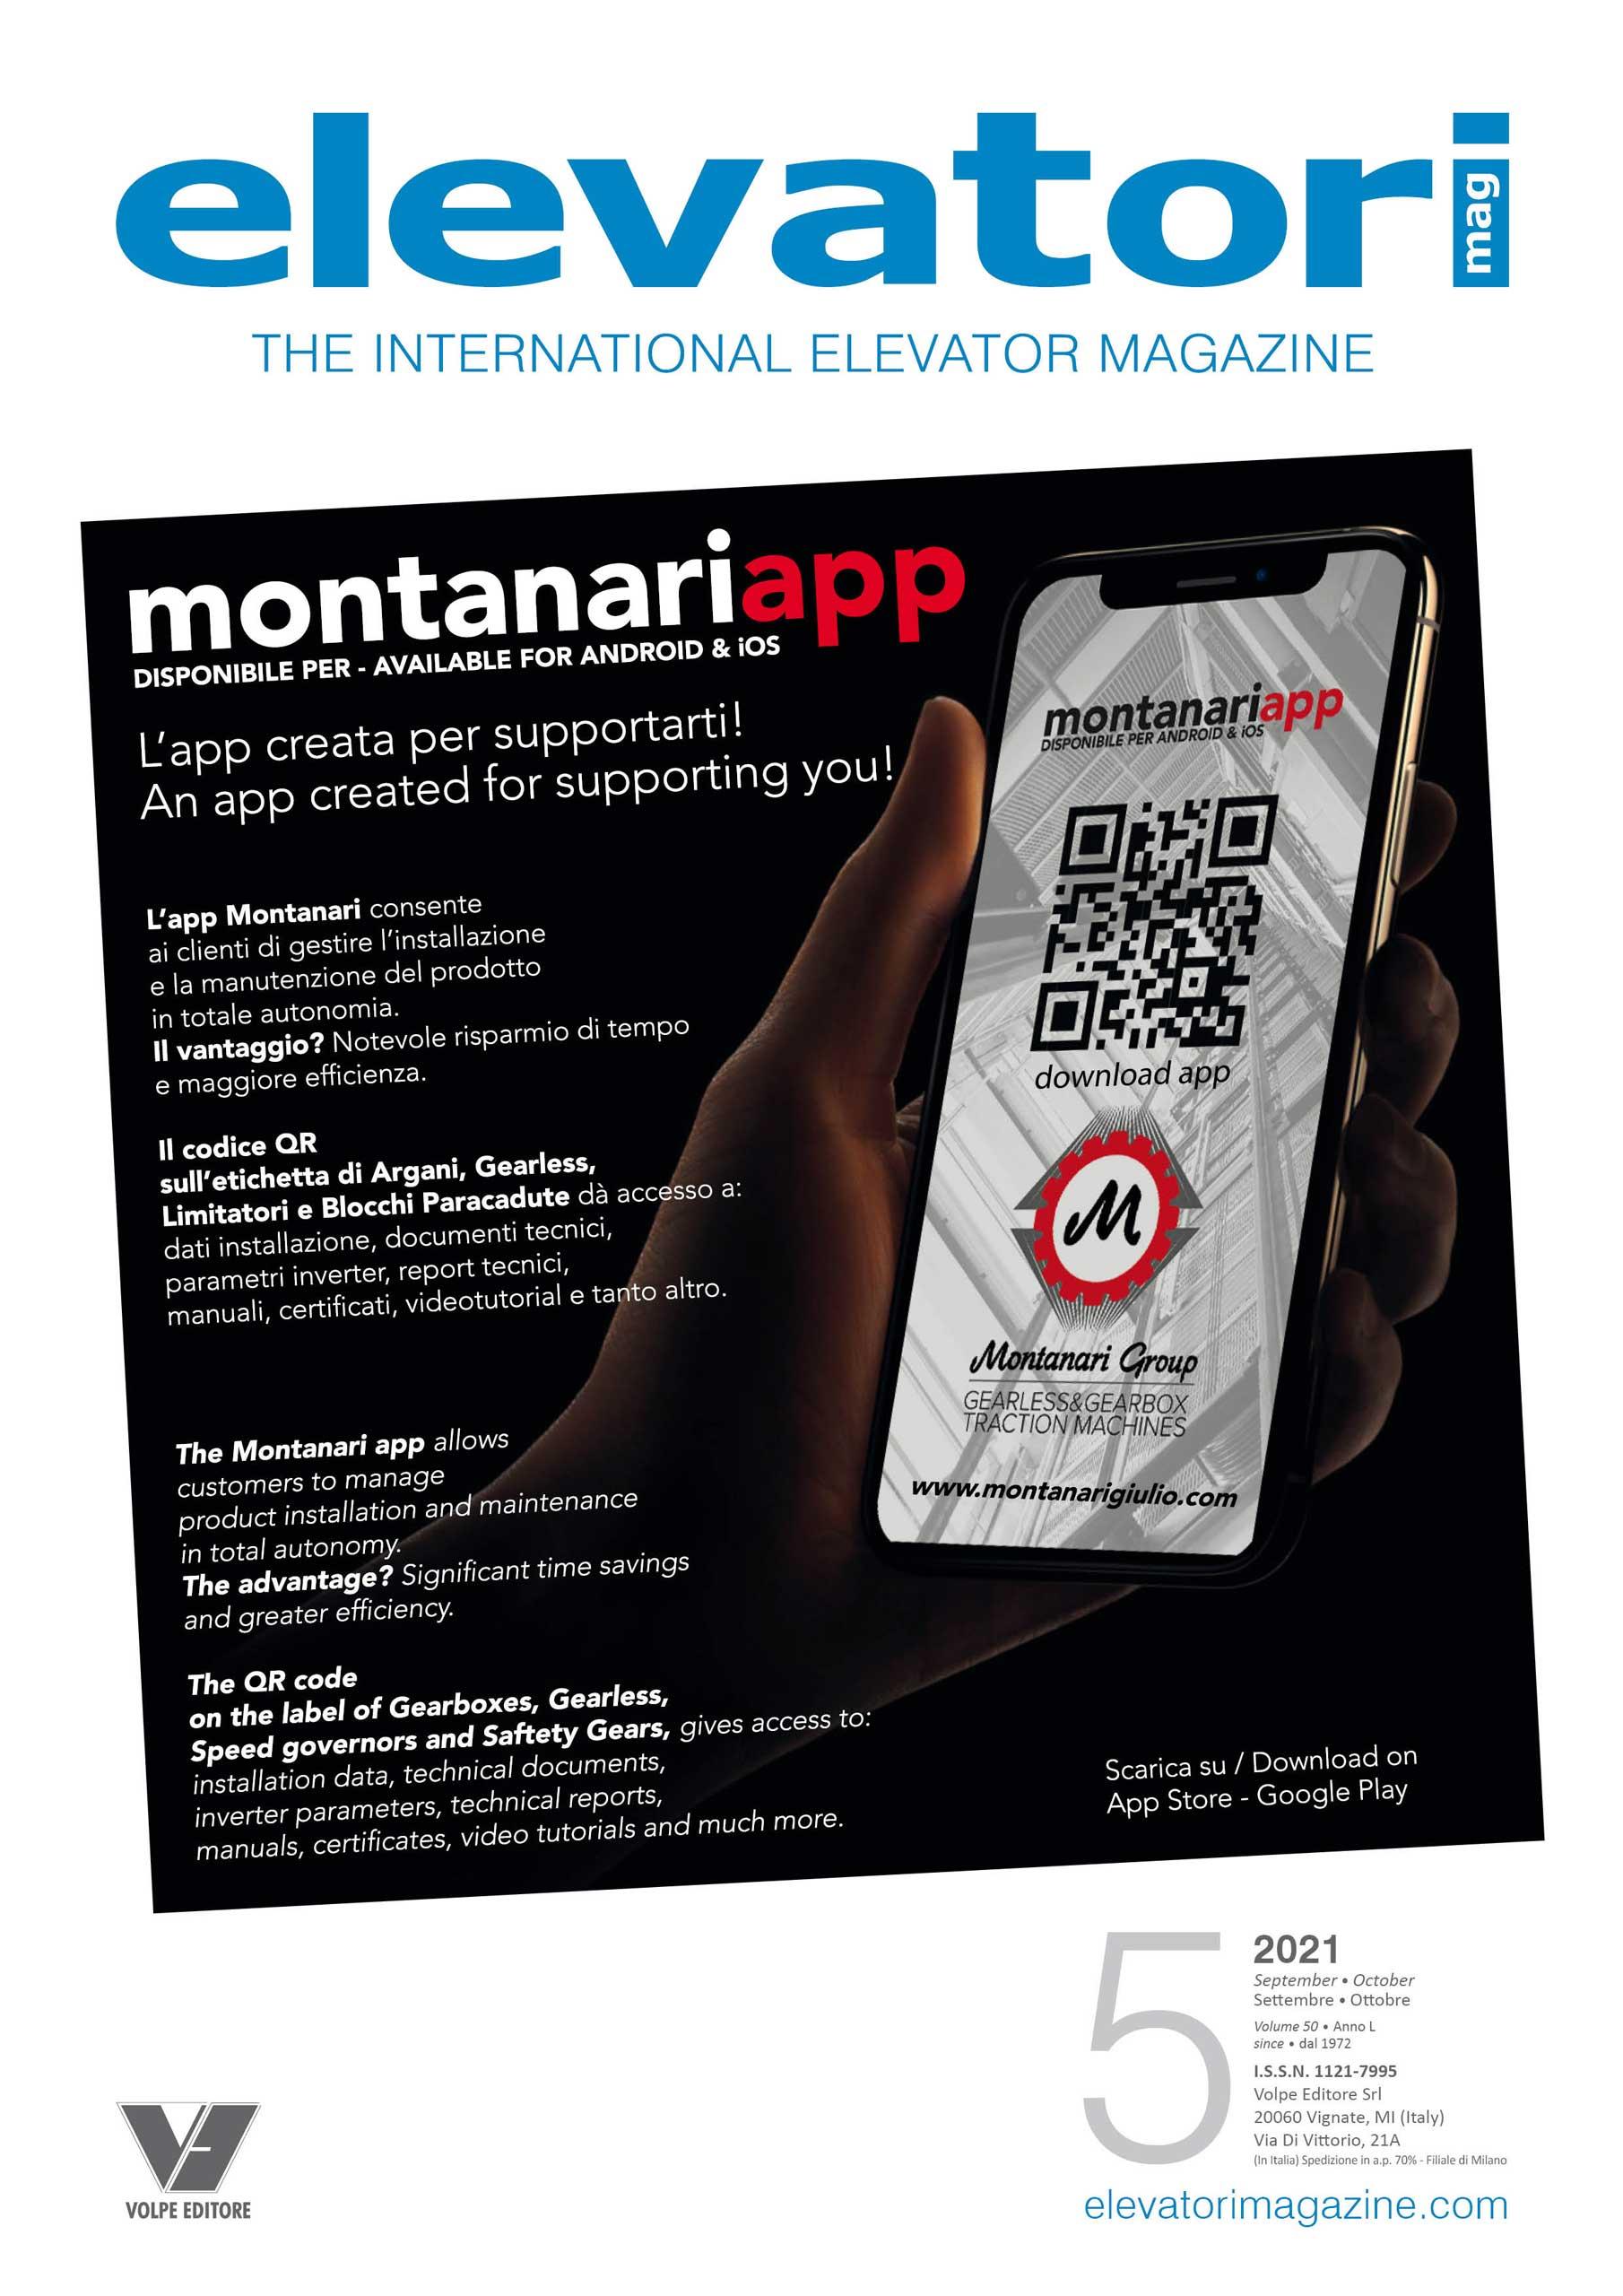 Elevatori Magazine 5/2021 Cover 1